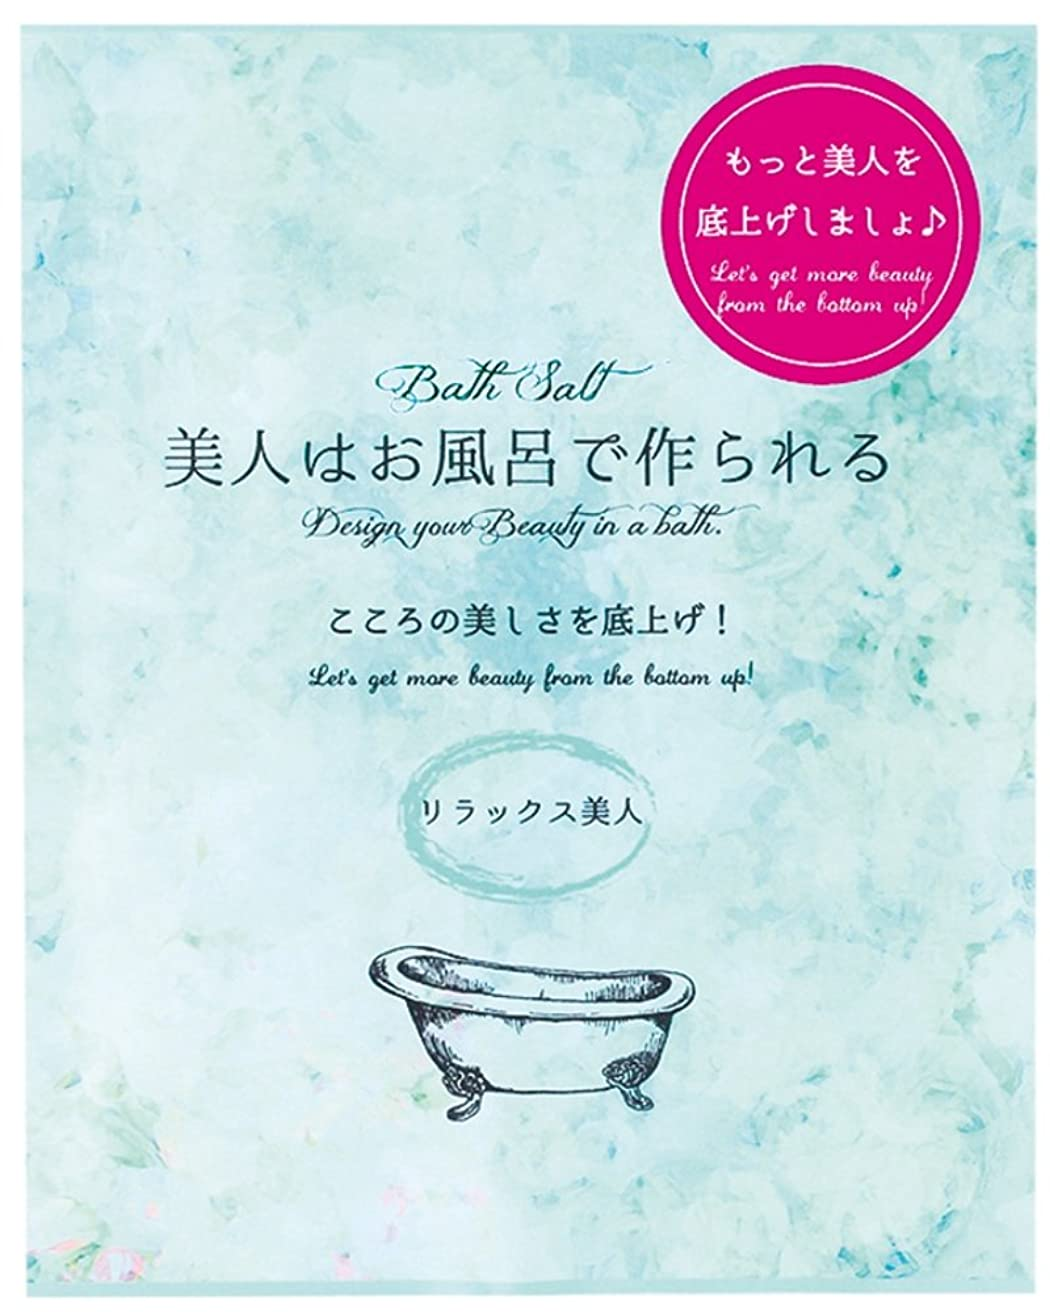 資格情報パラシュート新しさノルコーポレーション 入浴剤 セット 美人はお風呂で作られる バスソルト 55g 10包 乳白色 リラックス美人 OB-BZN-1-4